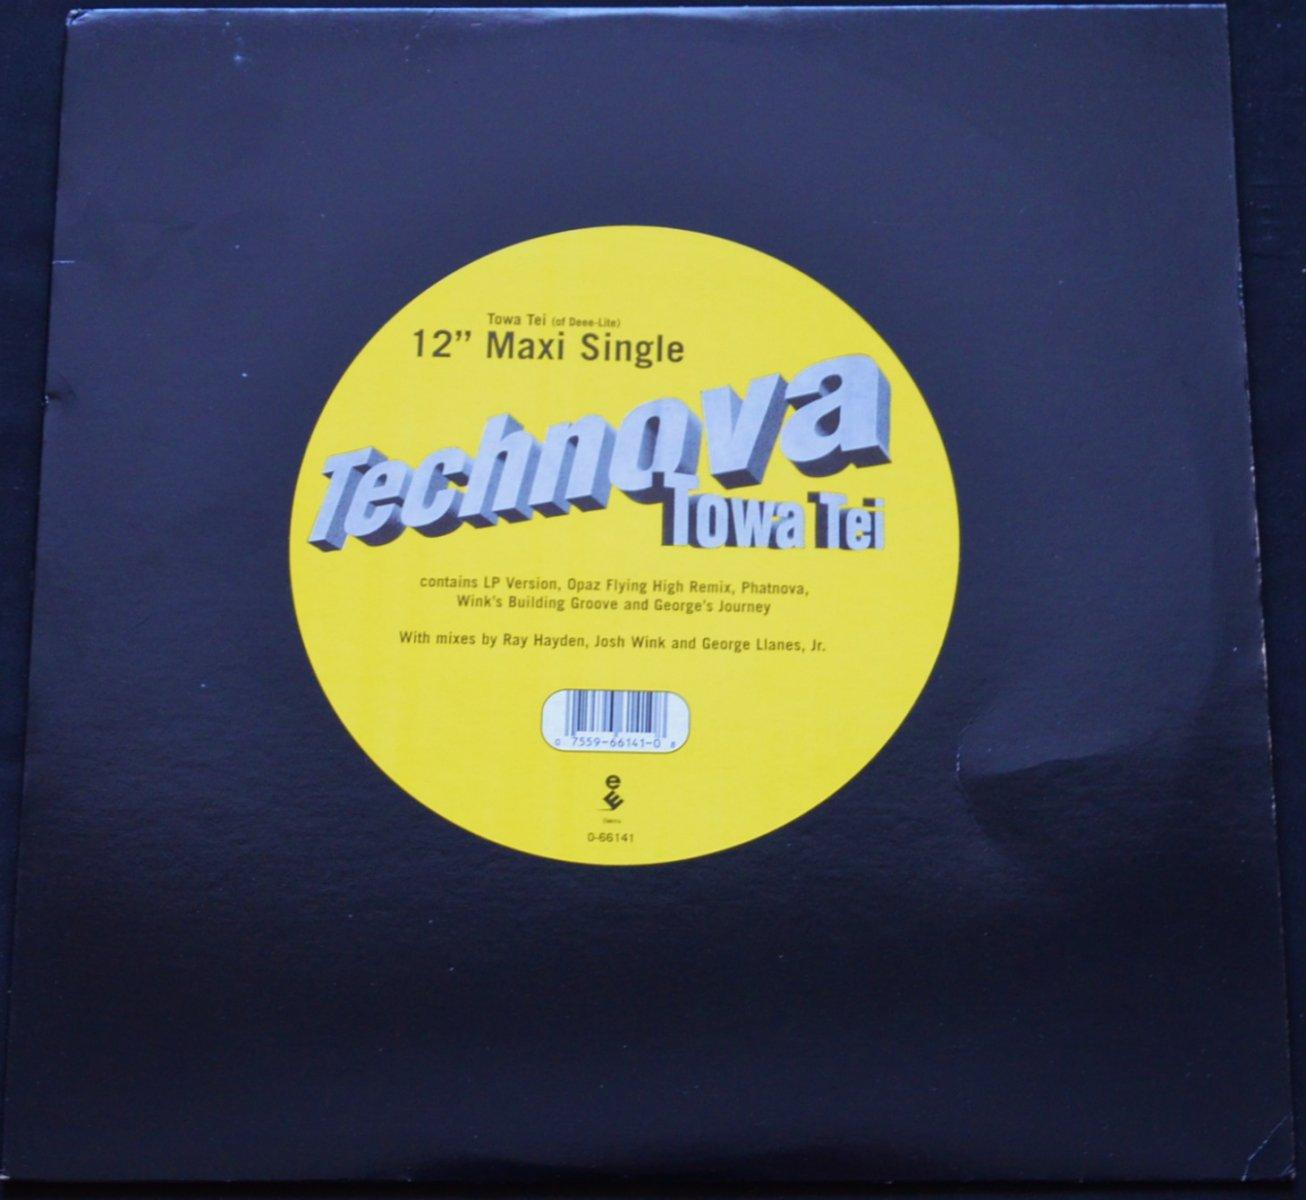 テイ・トウワ TOWA TEI / TECHNOVA (12